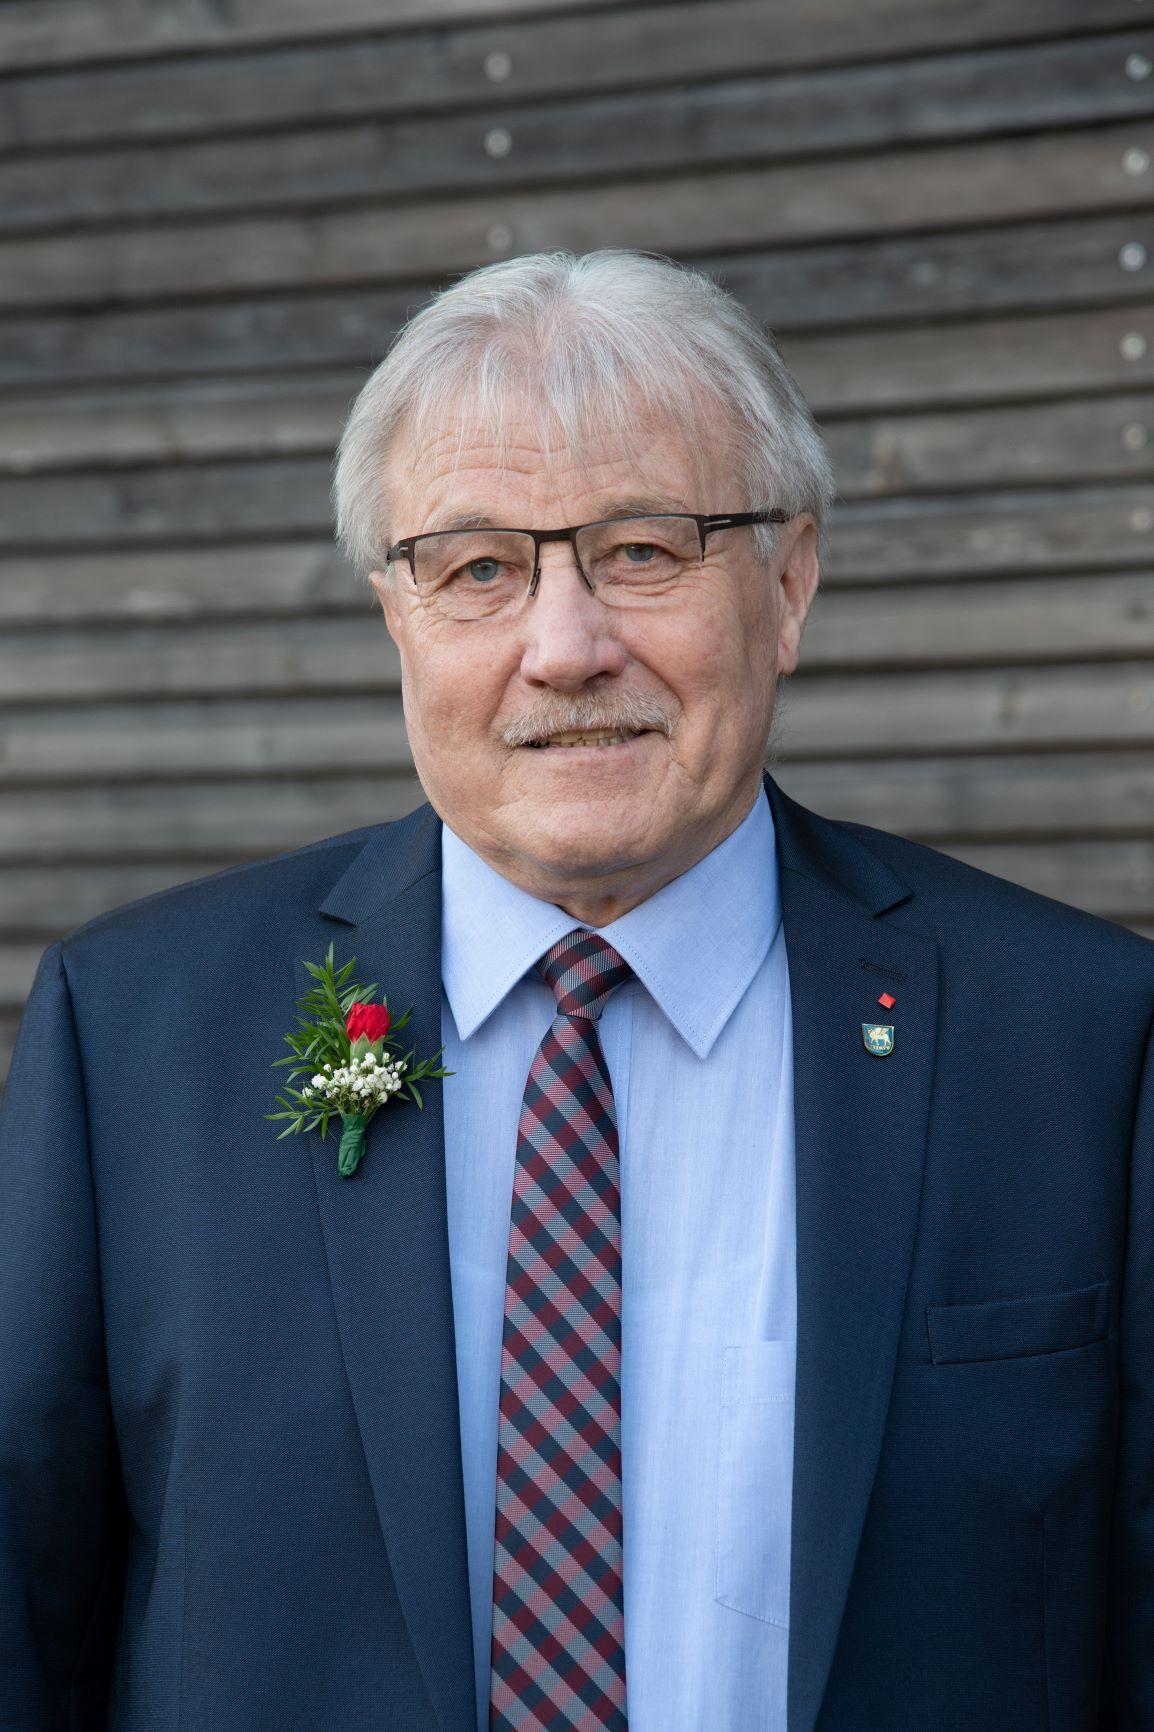 Bgm. Stefan Visotschnig